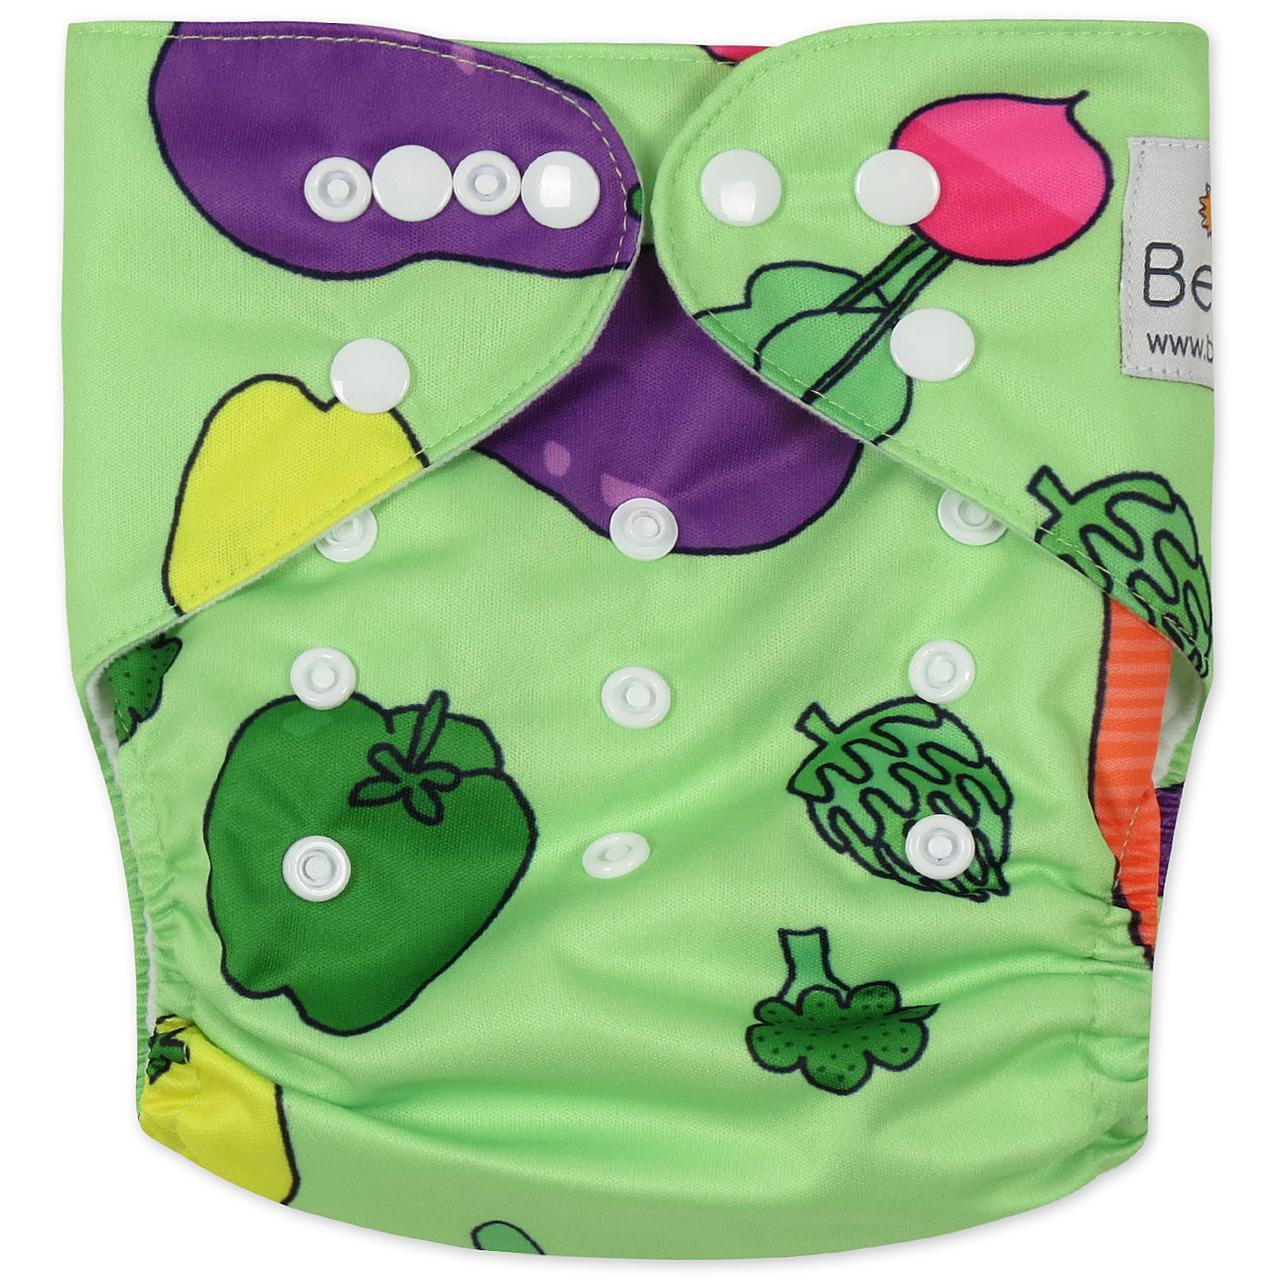 Зеленый Многоразовый Подгузник C Вкладышем Овощи — в Категории ... 8cd40b2a4de